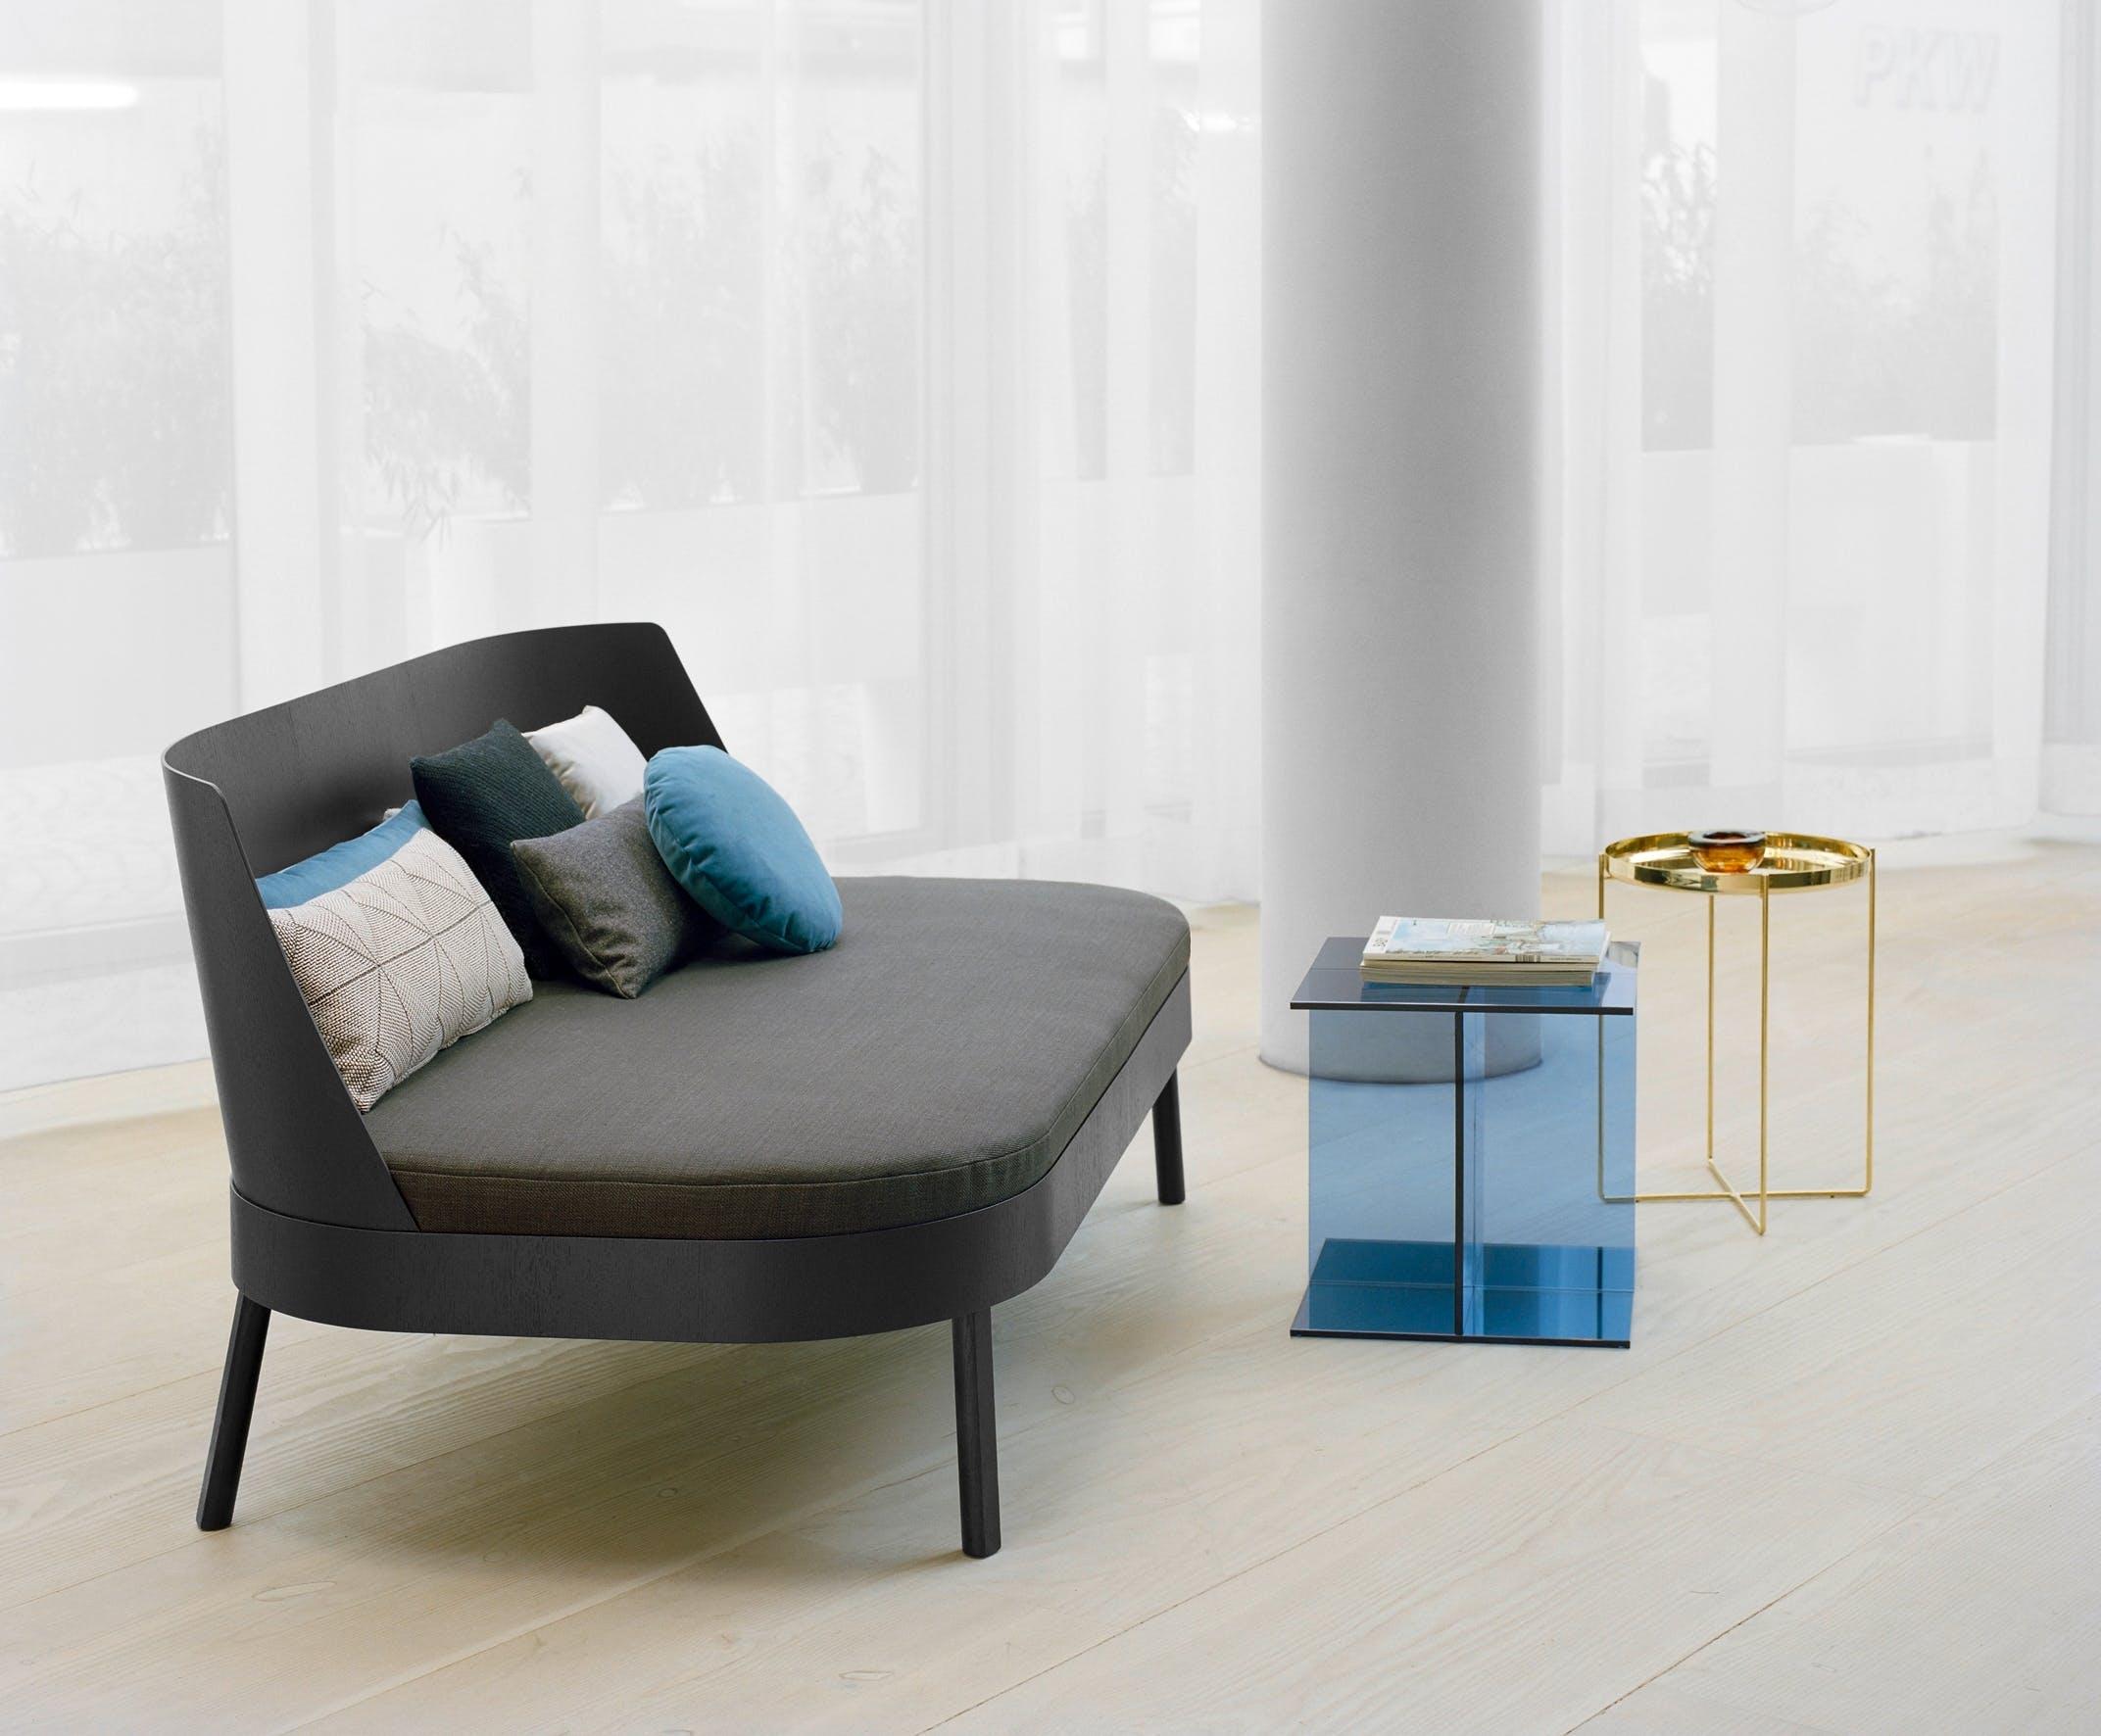 E15-furniture-side-bess-sofa-institu-haute-living